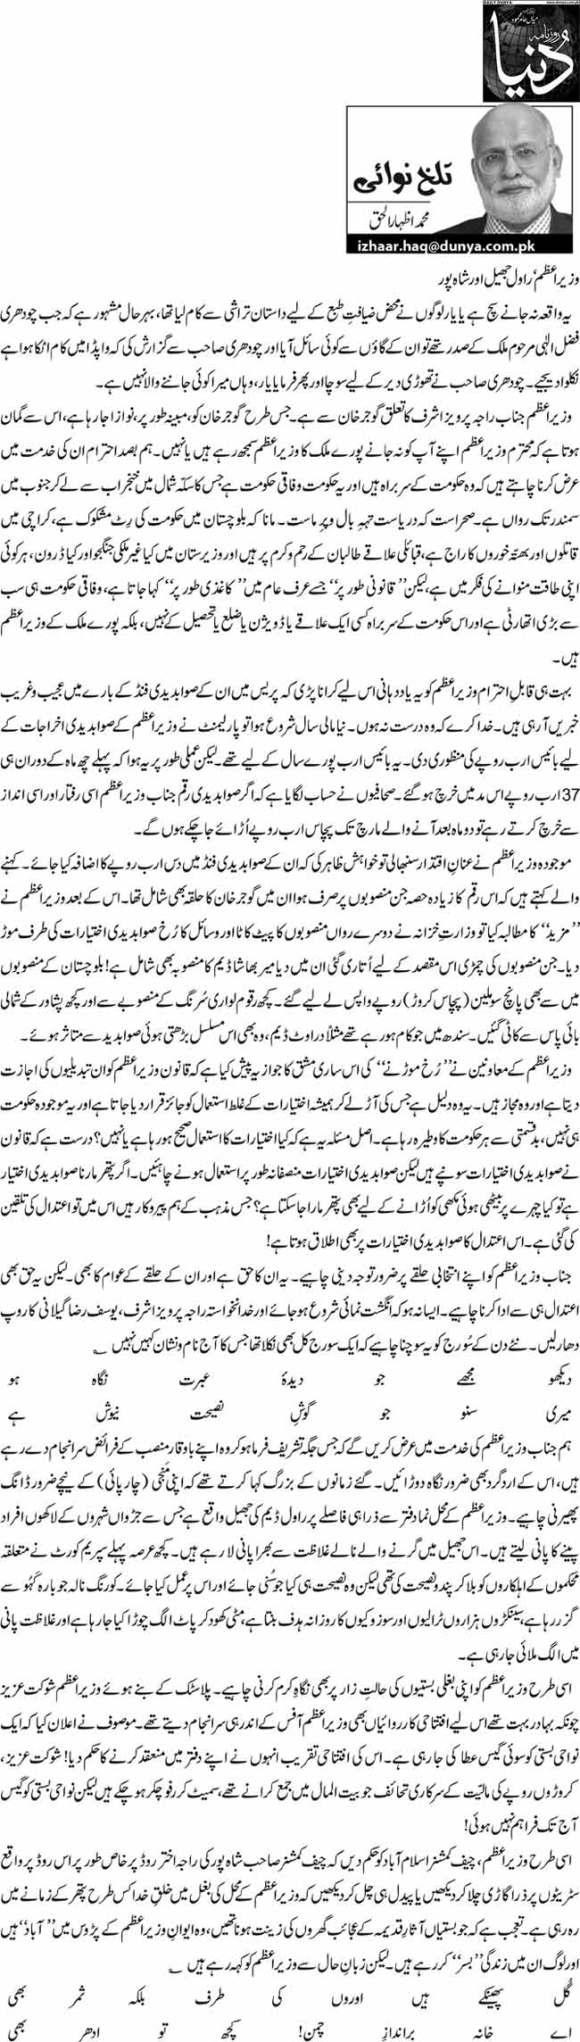 Wazir e Azam, Rawal Jheel aur Shah Pur - M. Izhar ul Haq